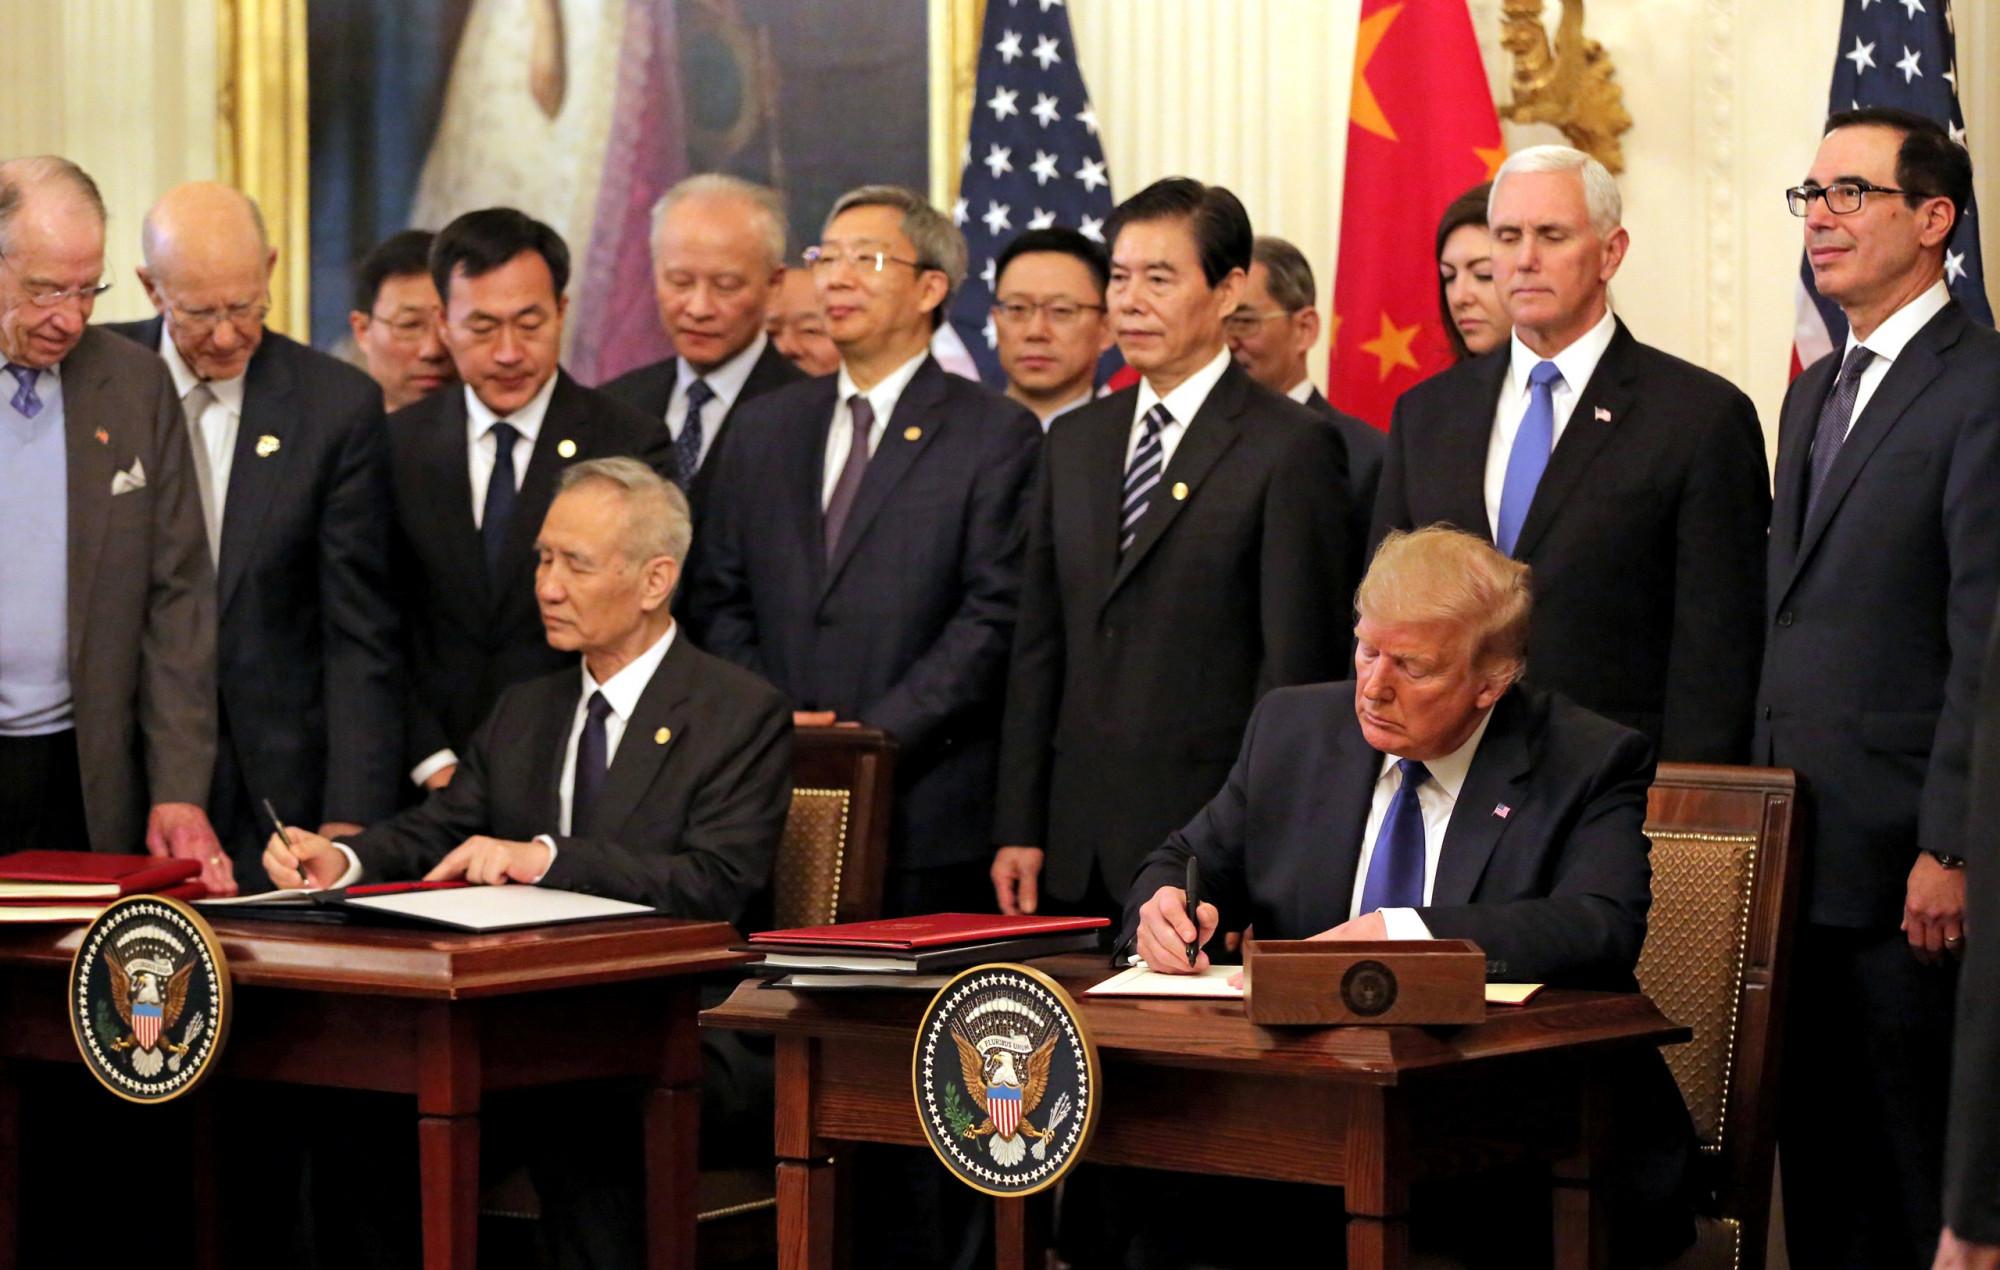 Dù phía Bắc Kinh đã có một số động thái tích cực về quy định quản lý, thỏa thuận cũng chỉ khắc phục một phần rạn nứt giữa Trung Quốc và Mỹ về bí mật công nghệ.